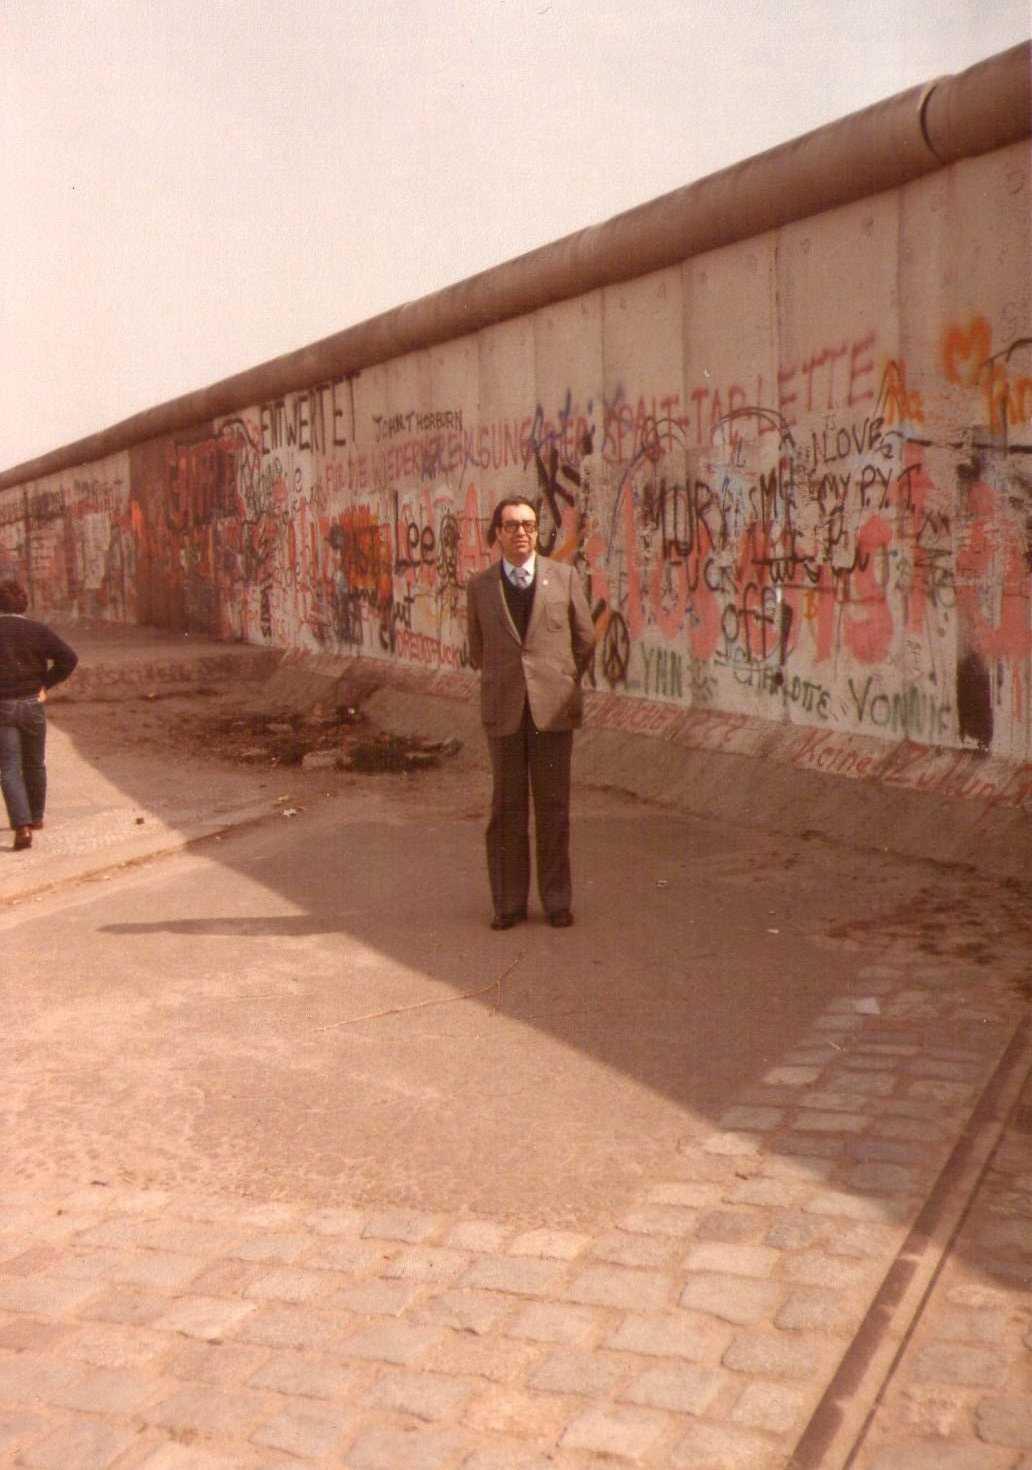 ΕΝΑΣ ΚΟΖΑΝΙΤΗΣ ΣΤΟ ΤΕΙΧΟΣ ΤΟΥ ΒΕΡΟΛΙΝΟΥ ΤΟ 1982. ΓΚΡΕΜΙΣΤΗΚΕ 9 ΝΟΕΜΒΡΙΟΥ 1989